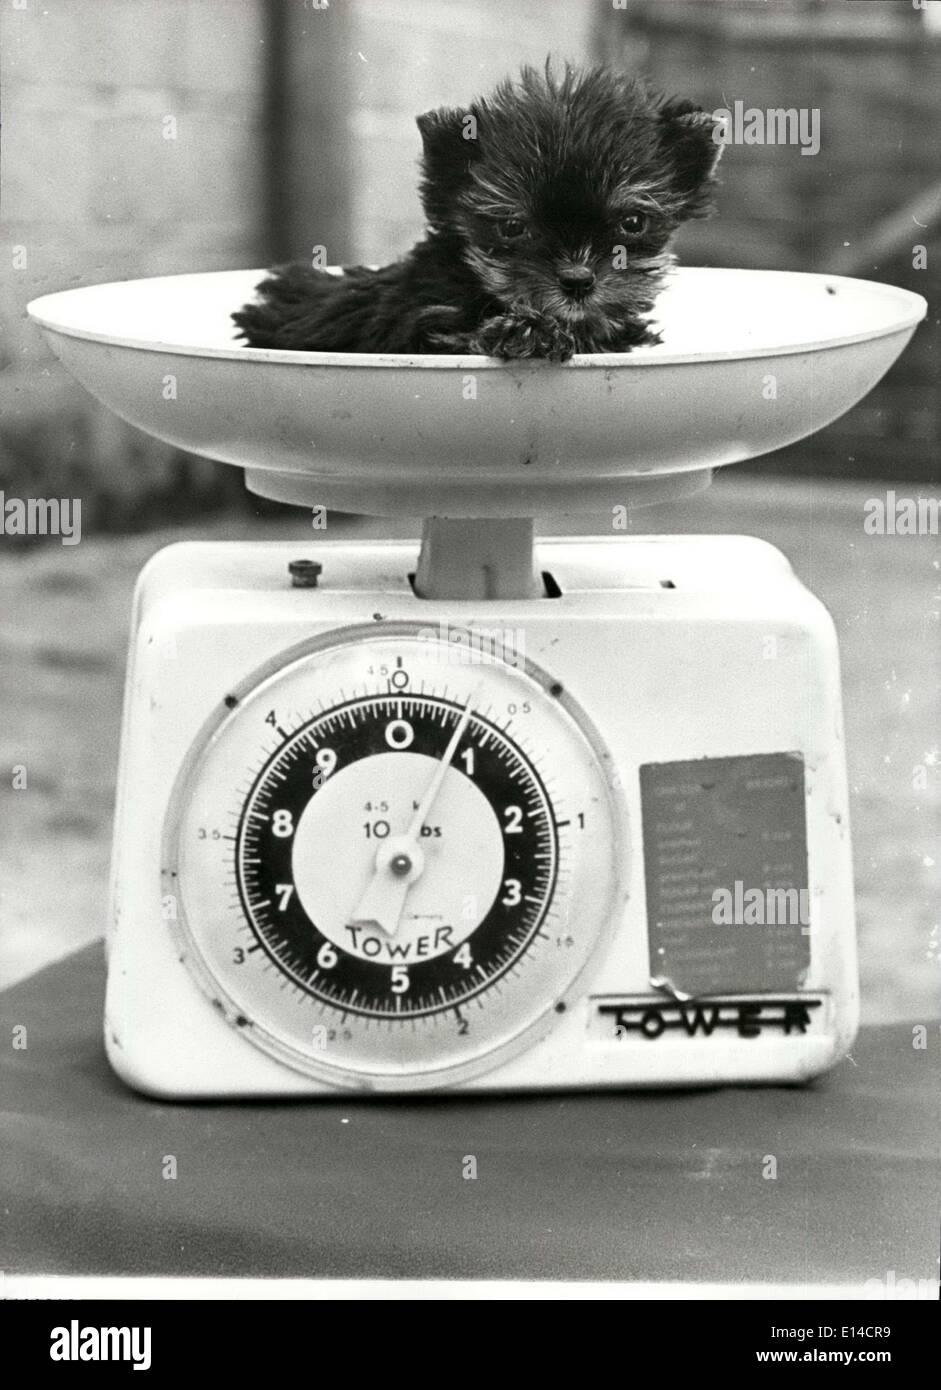 Abril 17, 2012 - Encuentro ''Titch'' El Yorkshire Terrier que vino al mundo pesando sólo Three-Quarters de una onza: ''Titch'', el Yorkshire Terrier vino al mundo hace diez semanas -sólo pesa alrededor de tres cuartas partes de una onza. Las probabilidades en contra del pup sobrevivir eran enormes, pero Titch es un verdadero luchador, y comenzó a comer y comer, y ahora inclina la balanza en nueve onzas. Pero su propietario, criador de crack, Gladys De Silva, de Newton Abbot, ha dicho que Titch no obtendrá mucho más grande, es posible que ella podría obtener hasta una libra porque sus funciones se van a crecer mucho más pequeño Imagen De Stock